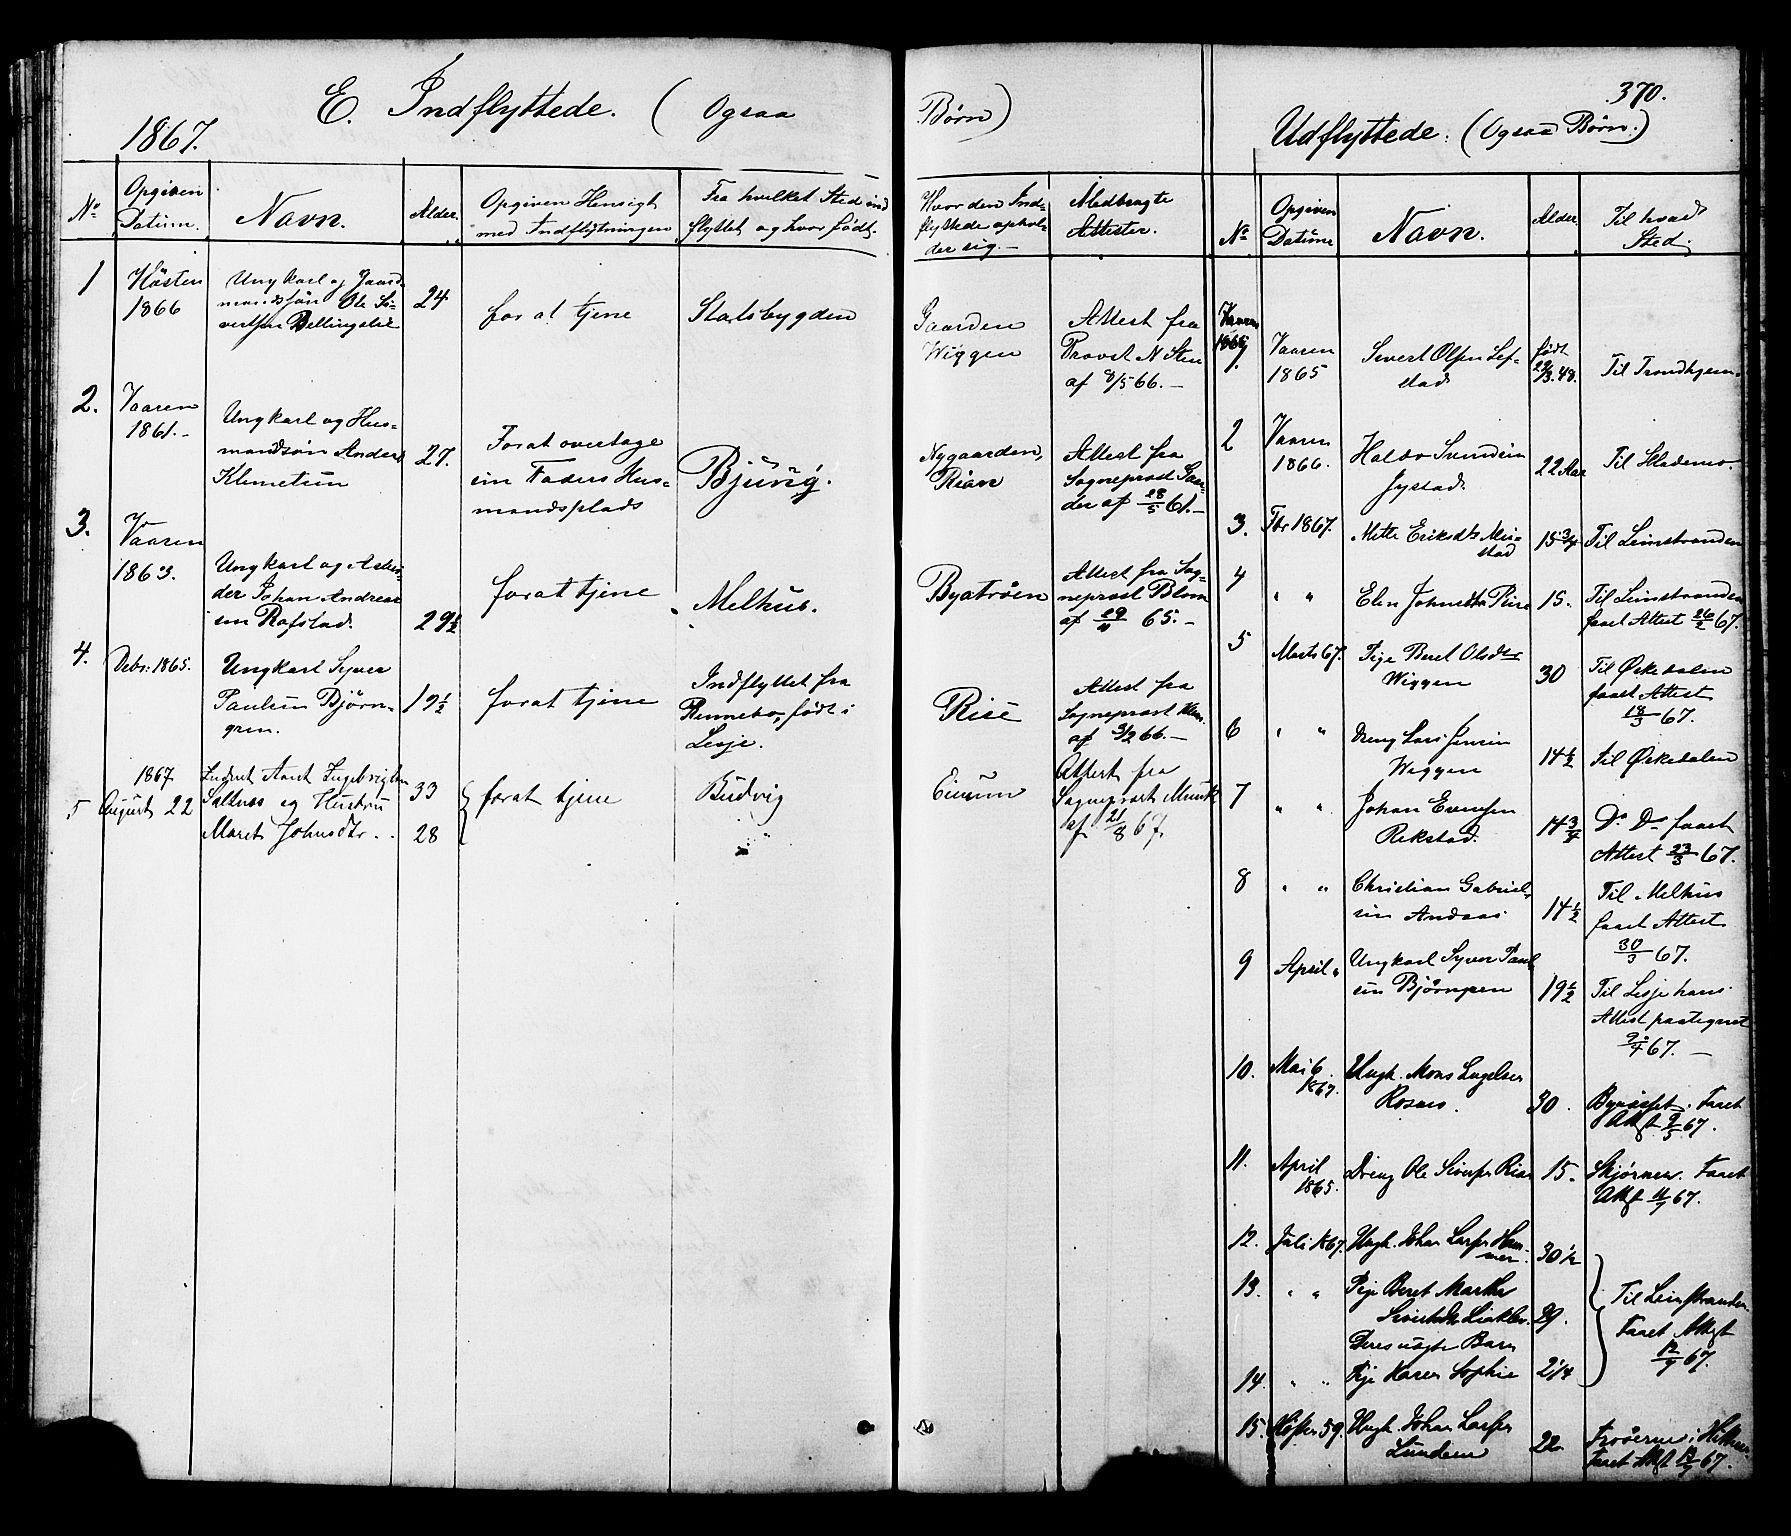 SAT, Ministerialprotokoller, klokkerbøker og fødselsregistre - Sør-Trøndelag, 665/L0777: Klokkerbok nr. 665C02, 1867-1915, s. 370